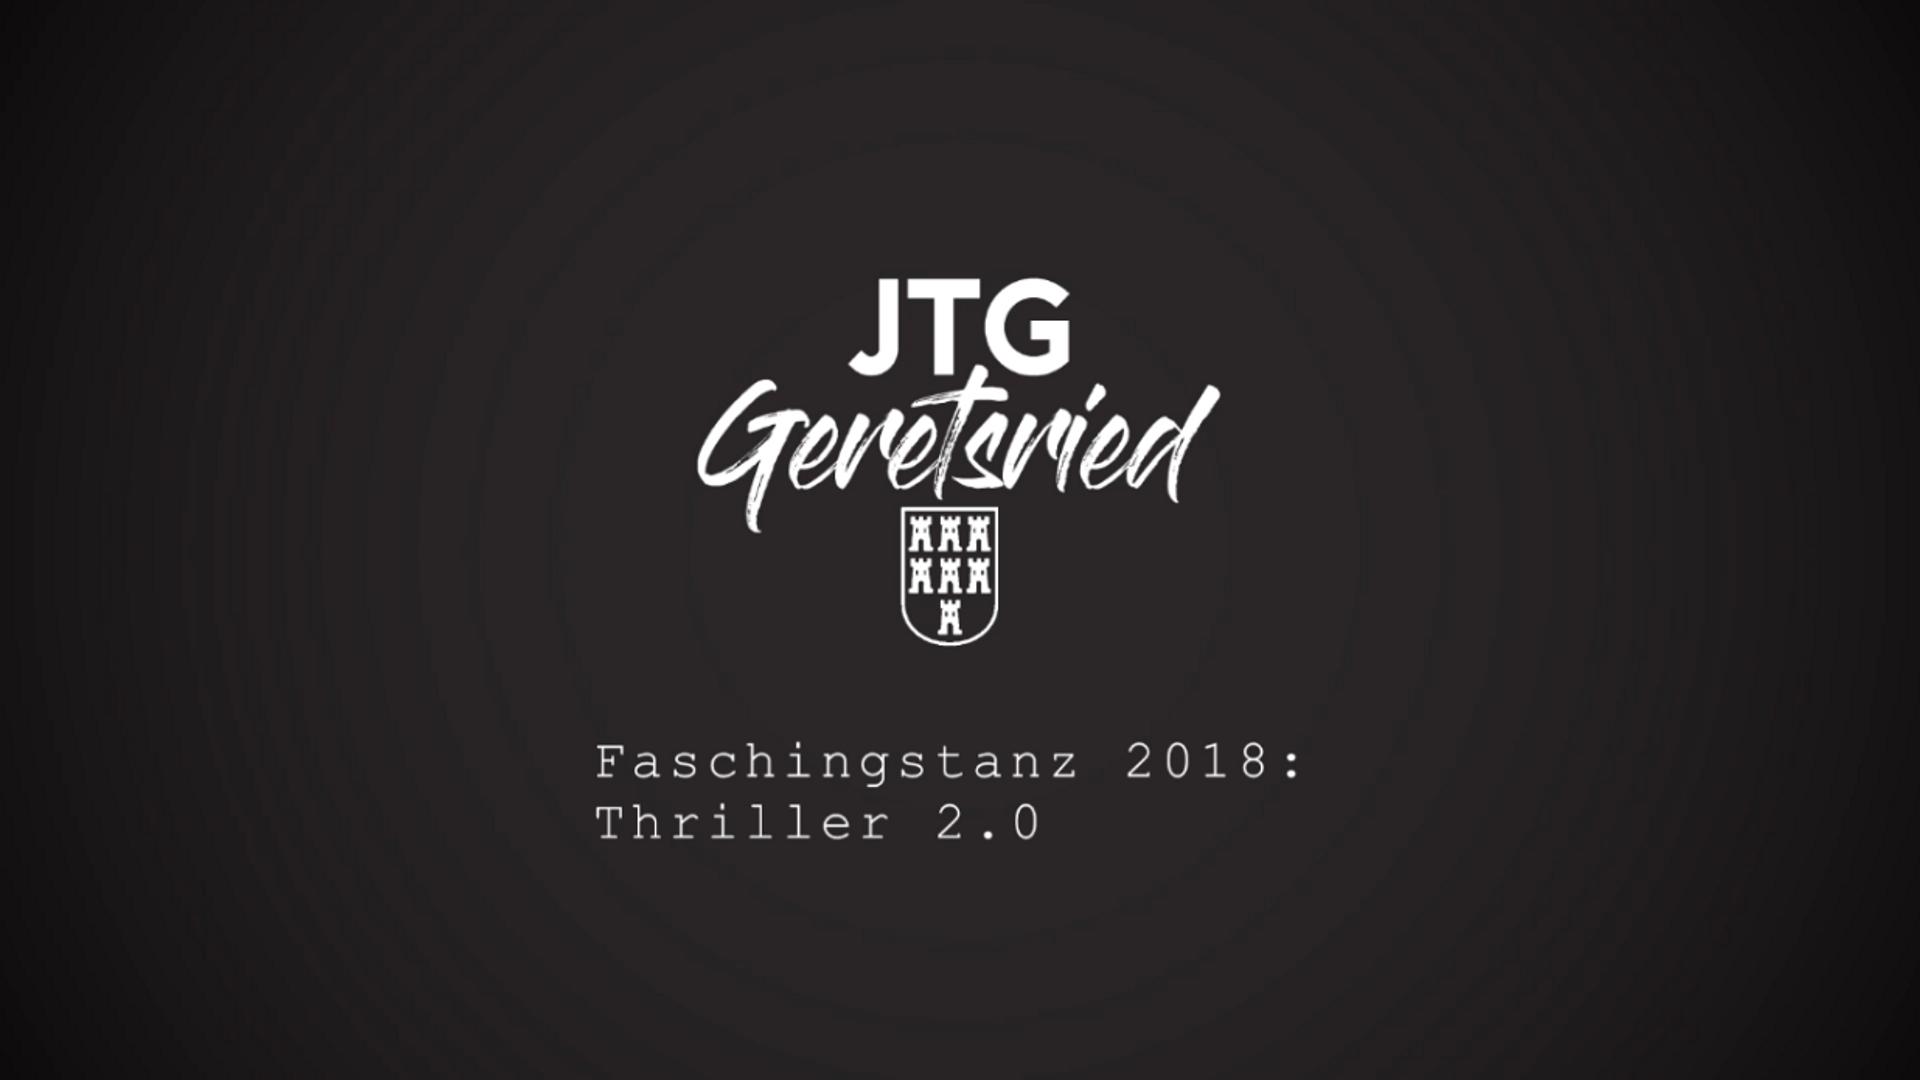 Faschingstanz 2018: Thriller 2.0